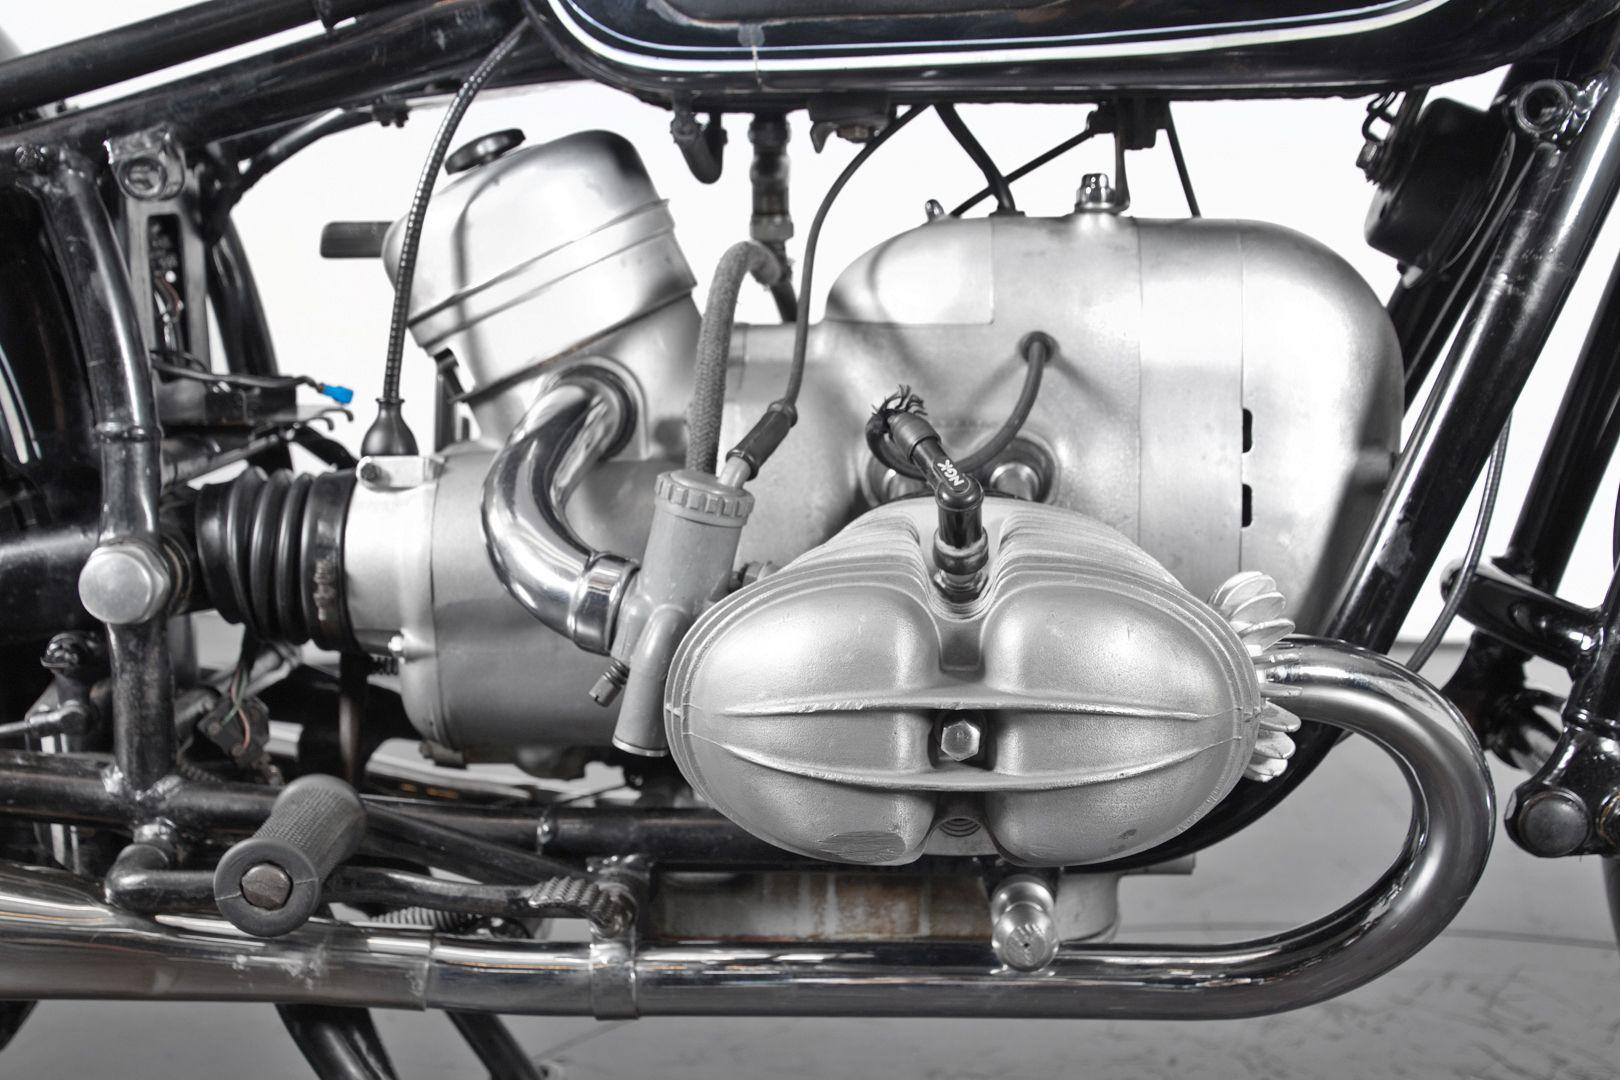 1958 BMW R 69 41269